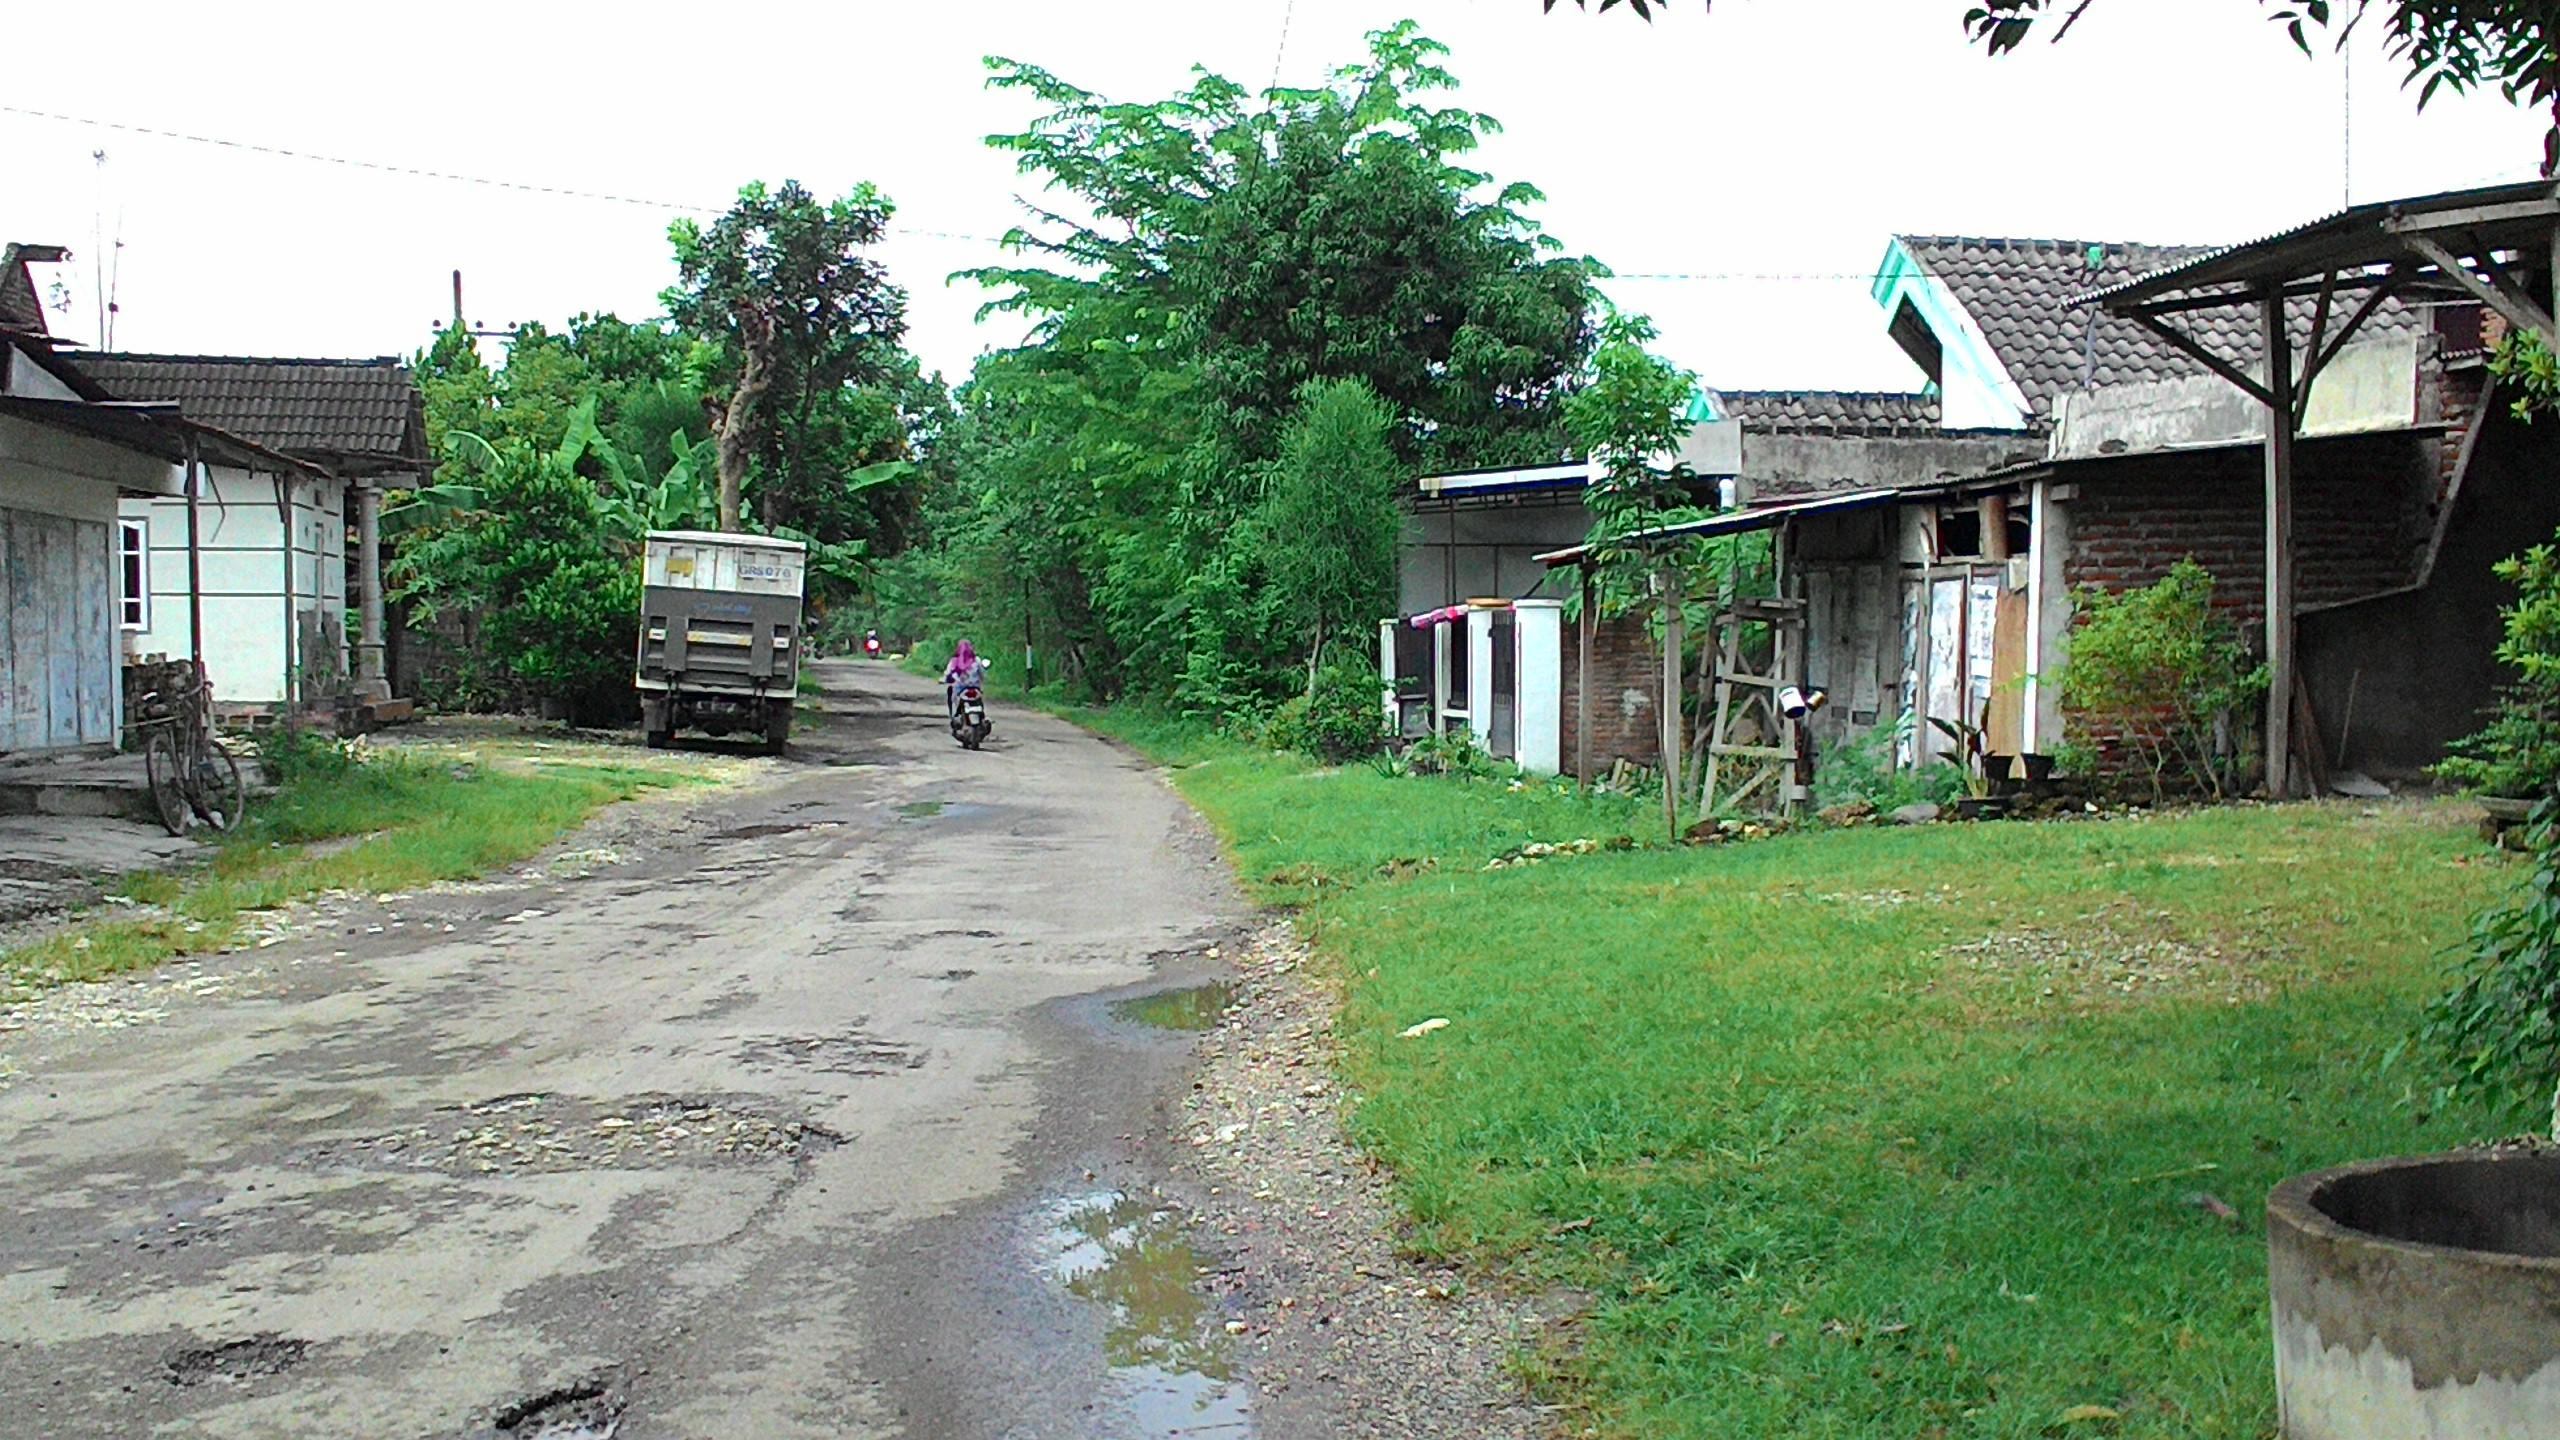 Mengenal Istilah Logat Dalam Bahasa Jawa Bojonegoro Jonegoroan